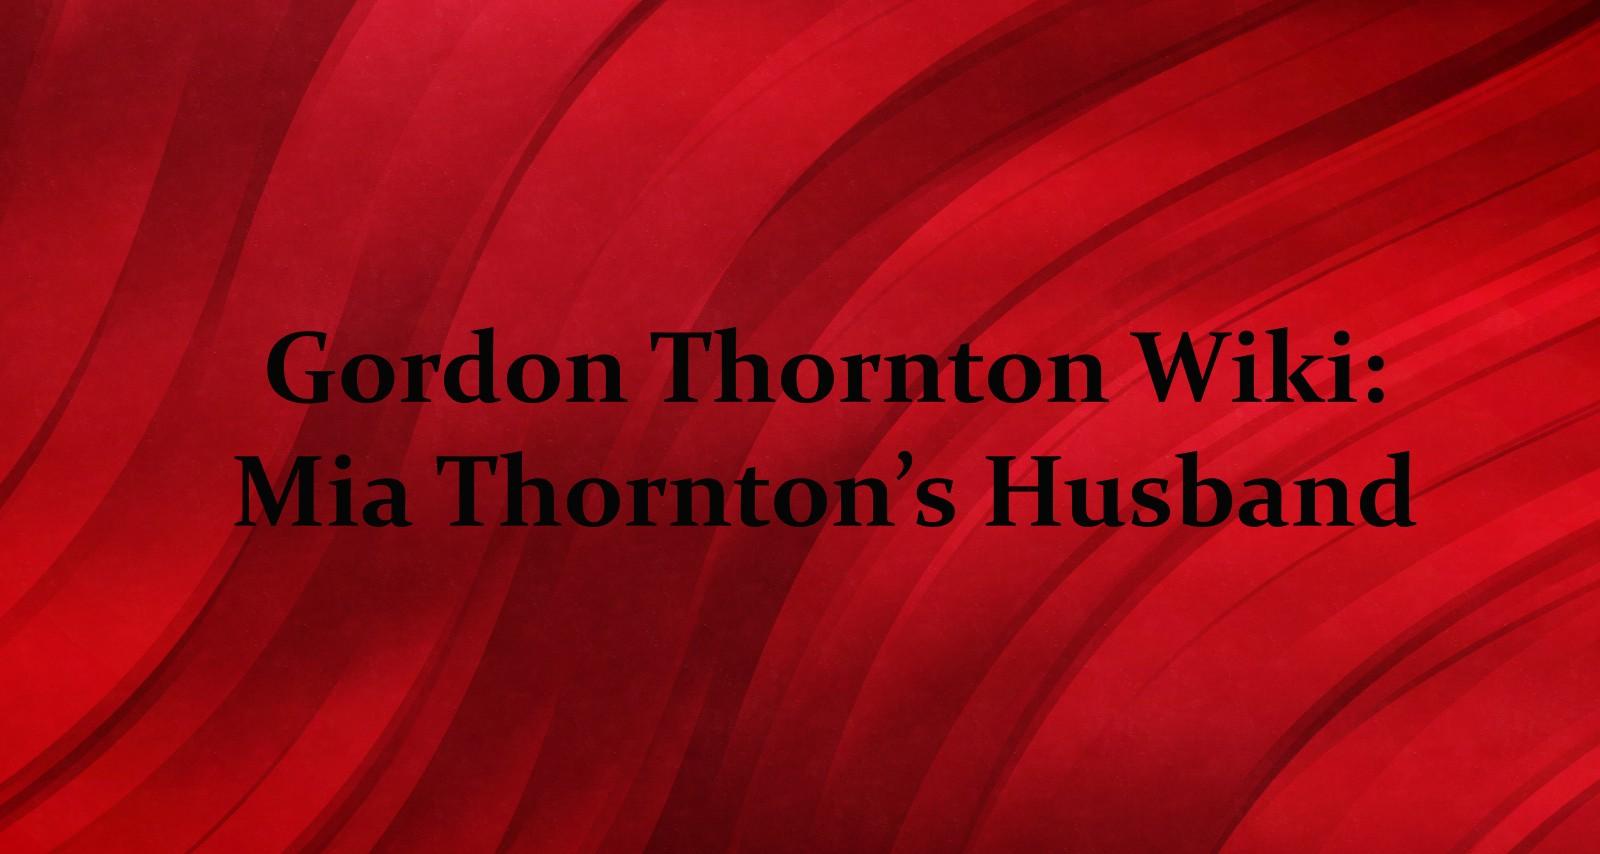 Mia Thorntons husband Gordon Thornton